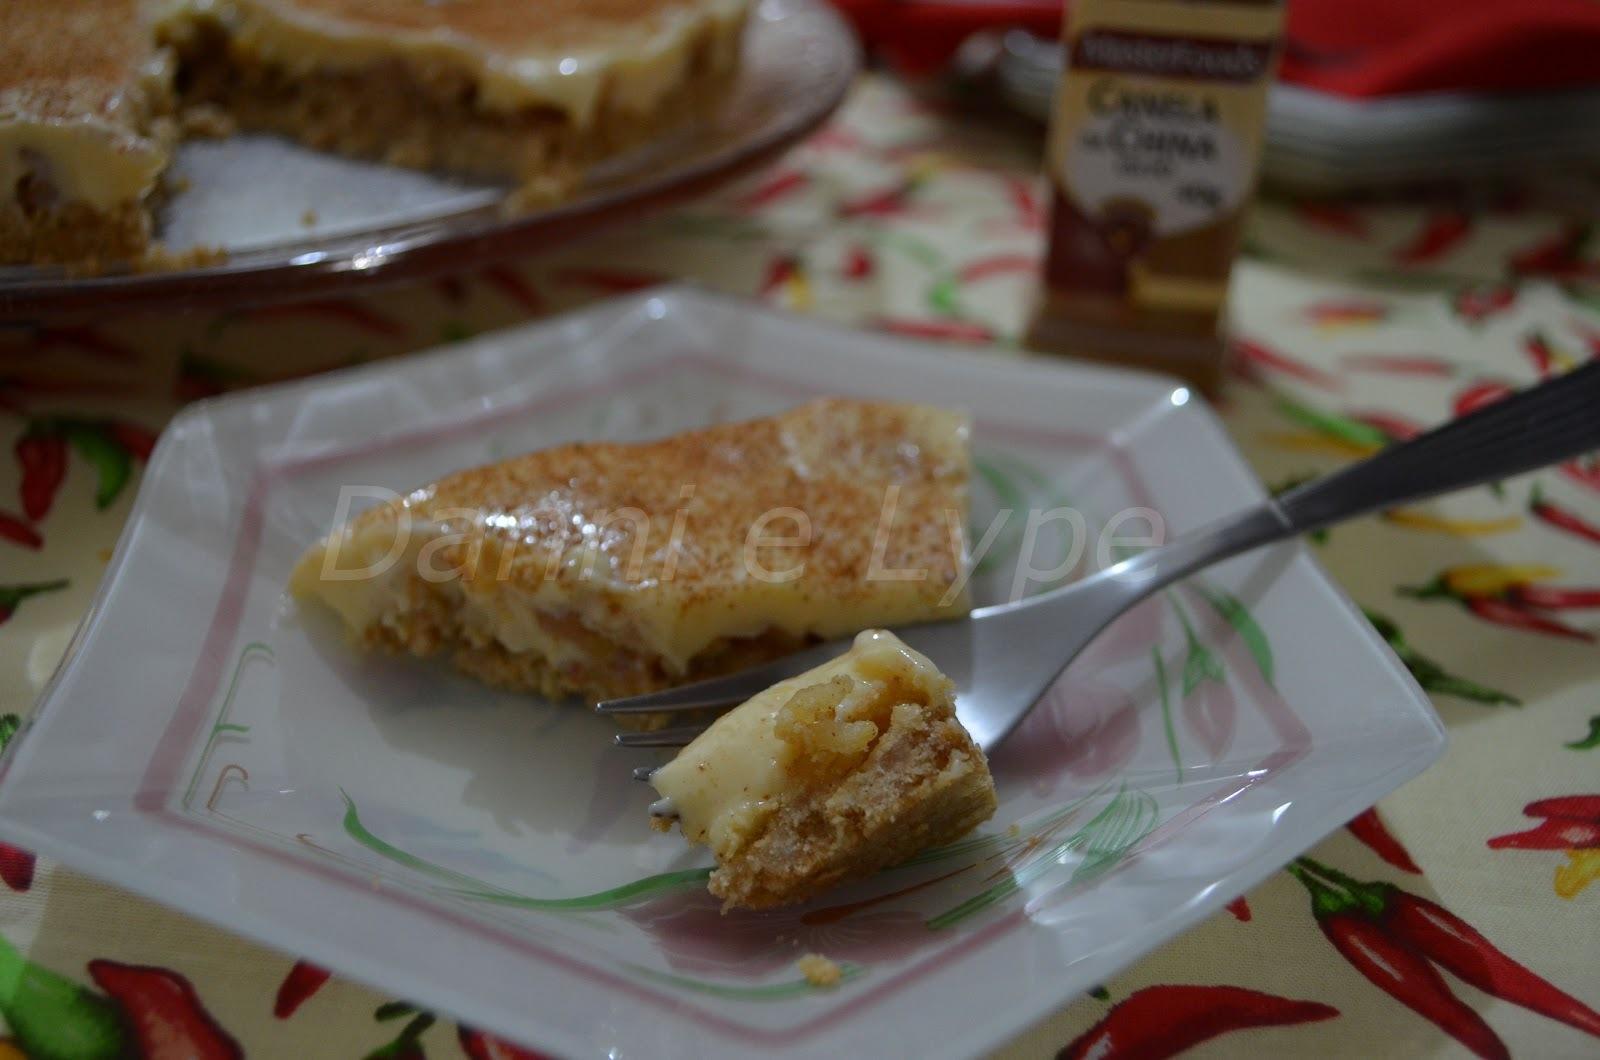 sobremesas geladas e faceis de fazer com poucos ingredientes